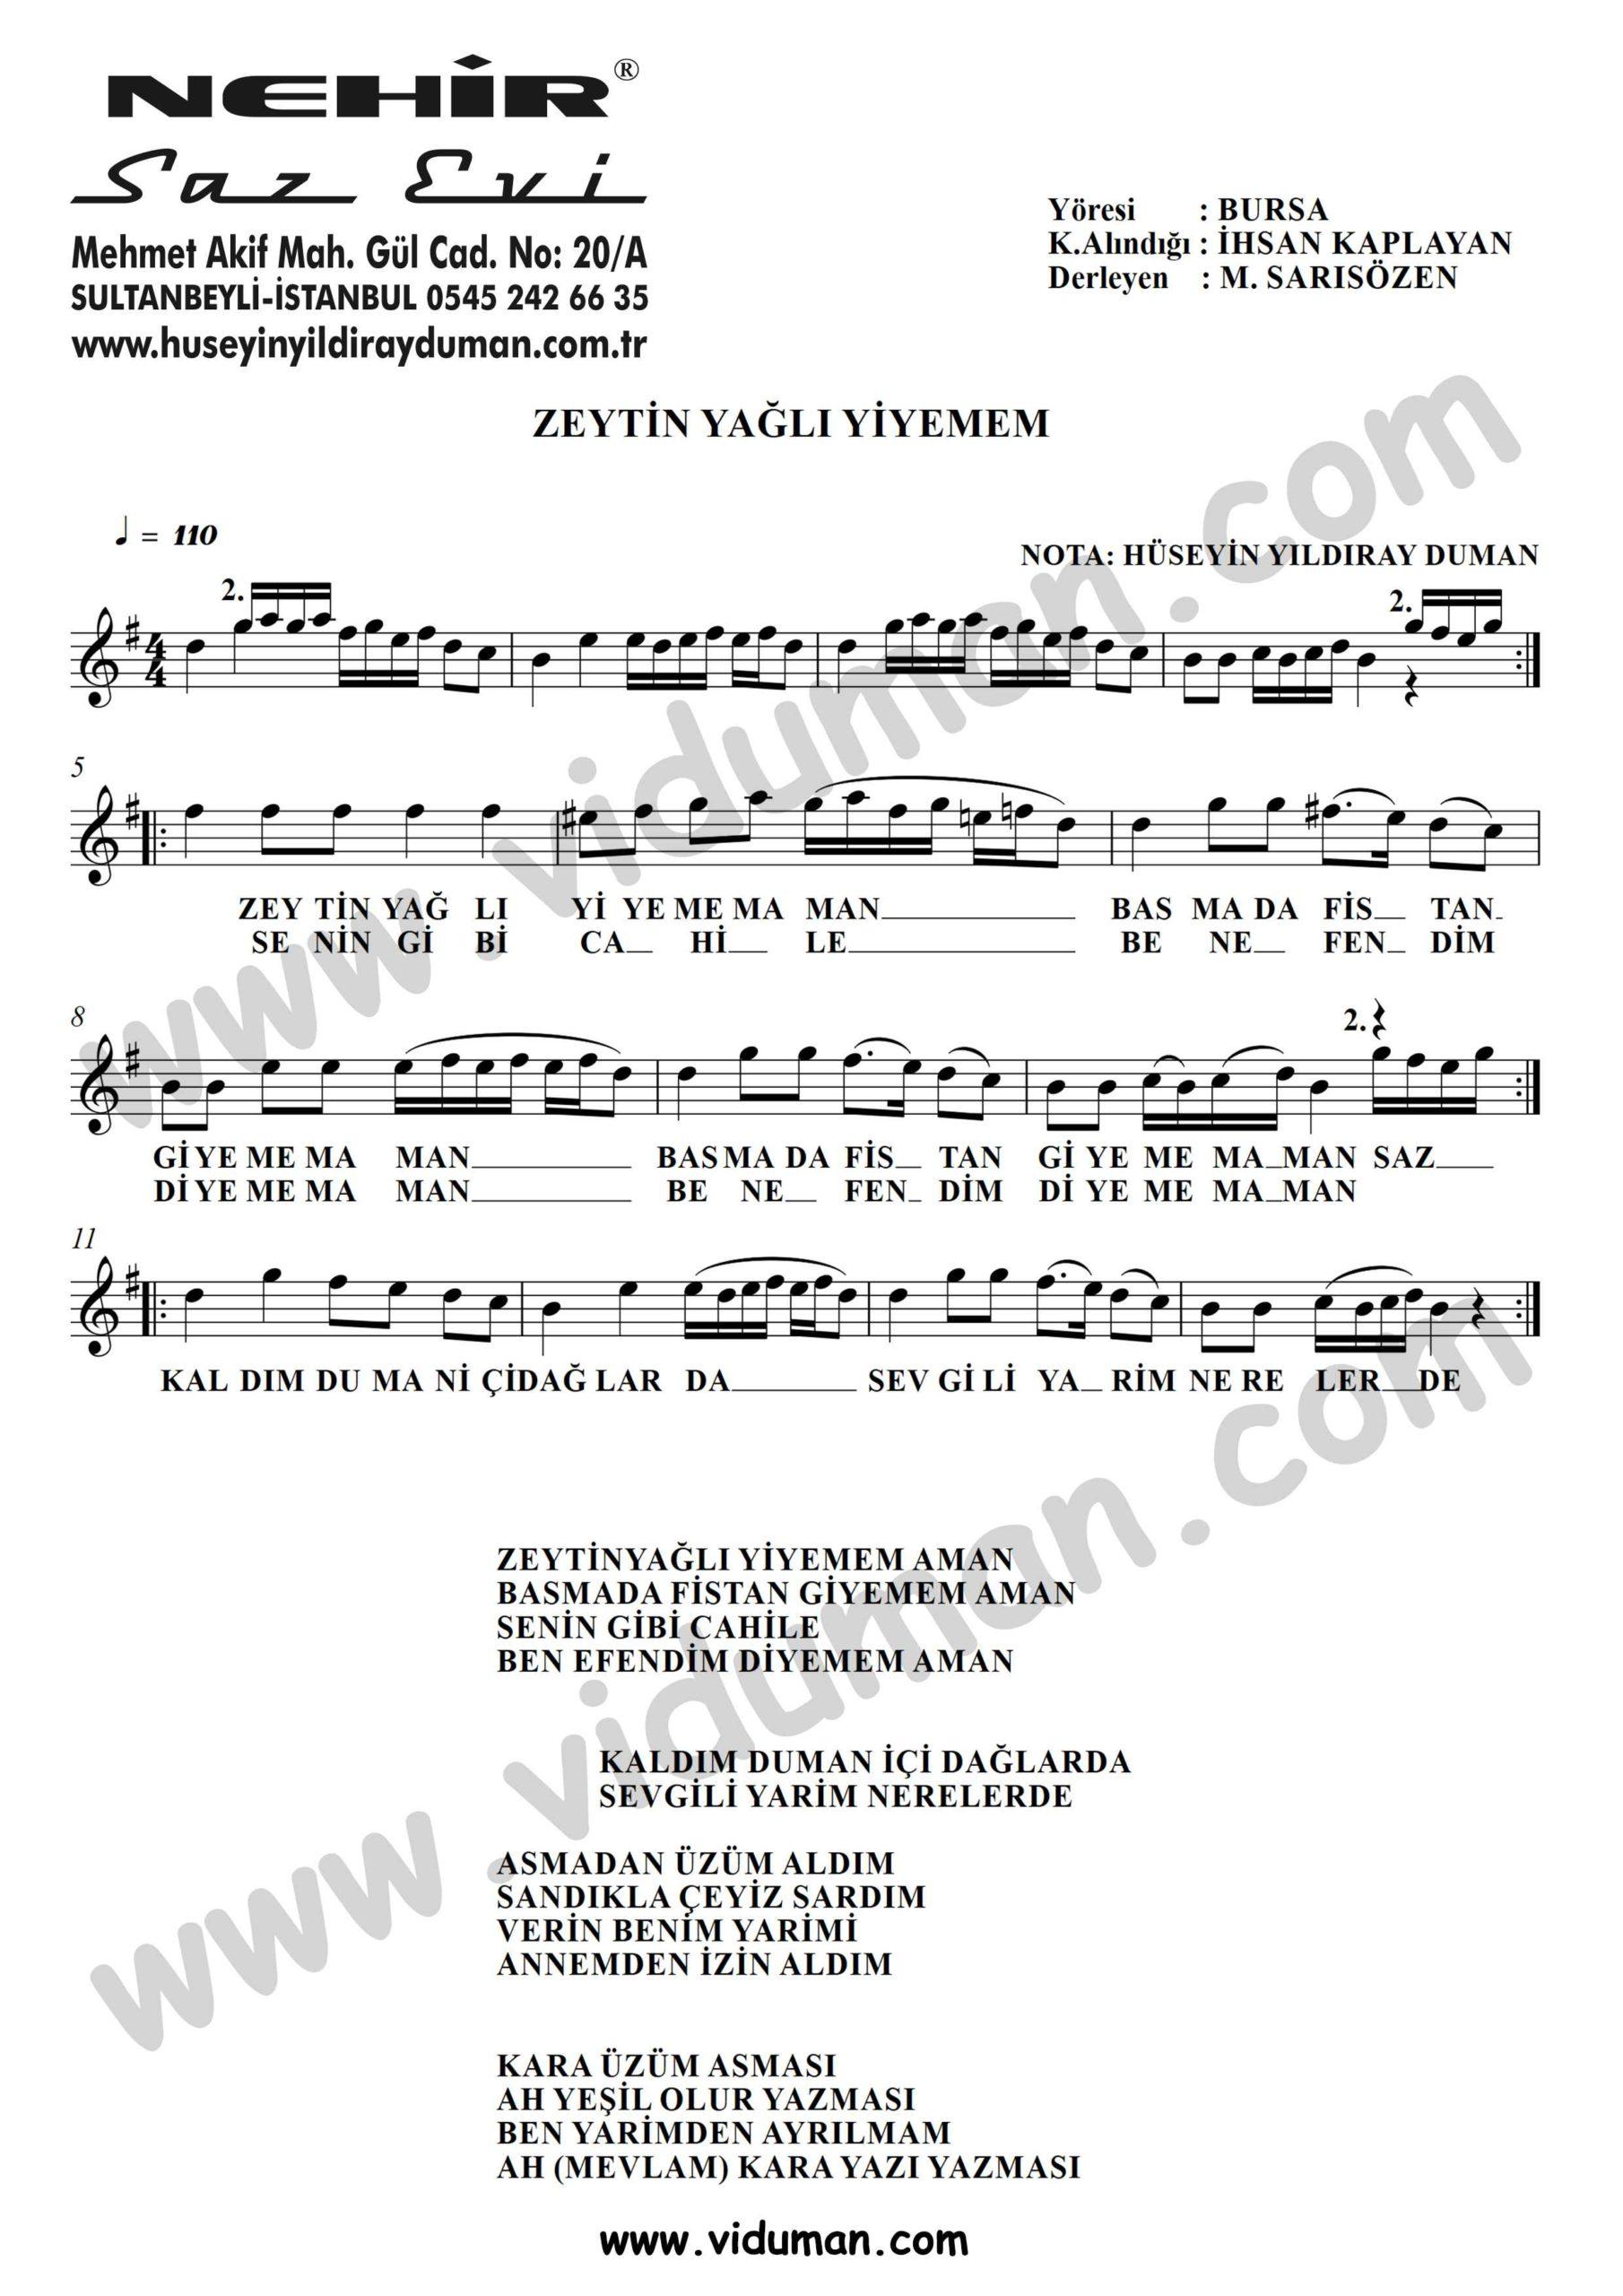 Zeytin Yagli Yiyemem-Baglama-Saz-Turku-Notalari